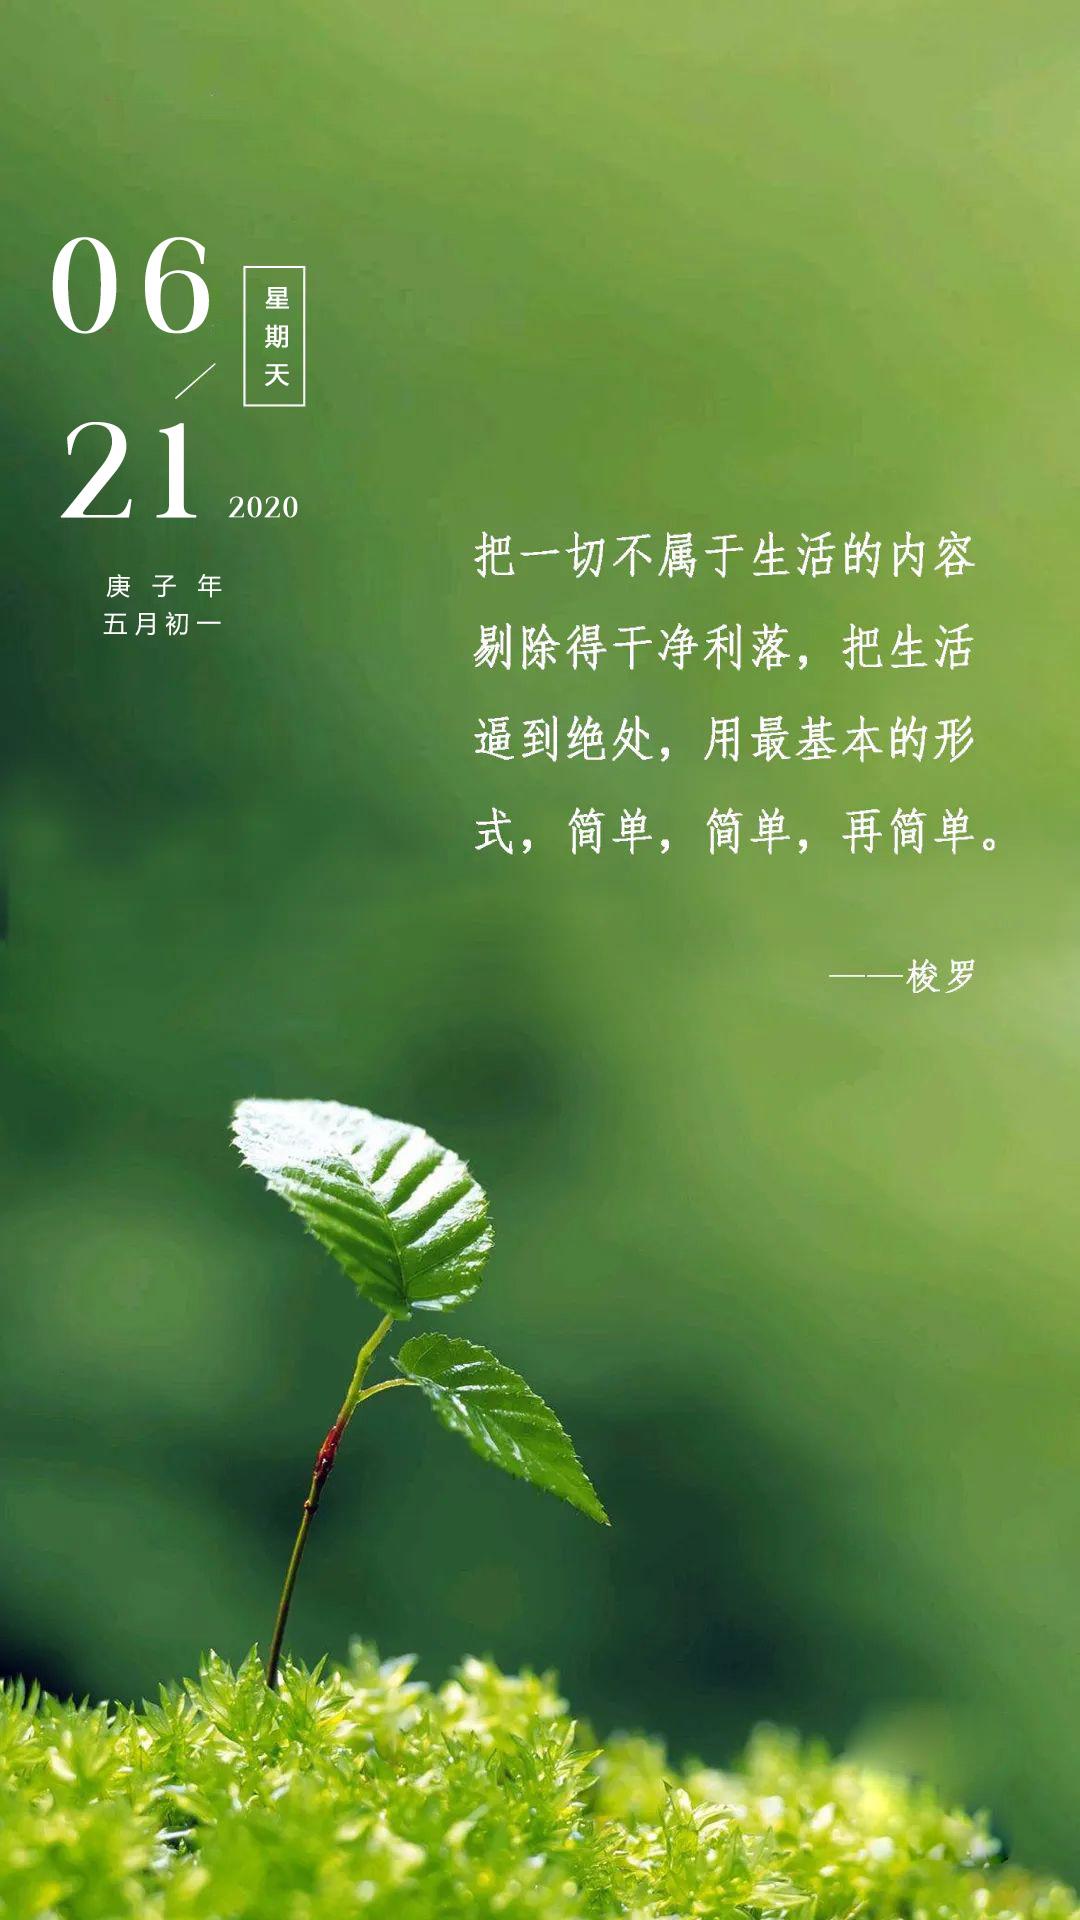 夏至早安心语正能量说说图片日签:你朝阳光努力向上,生活便会单纯美好